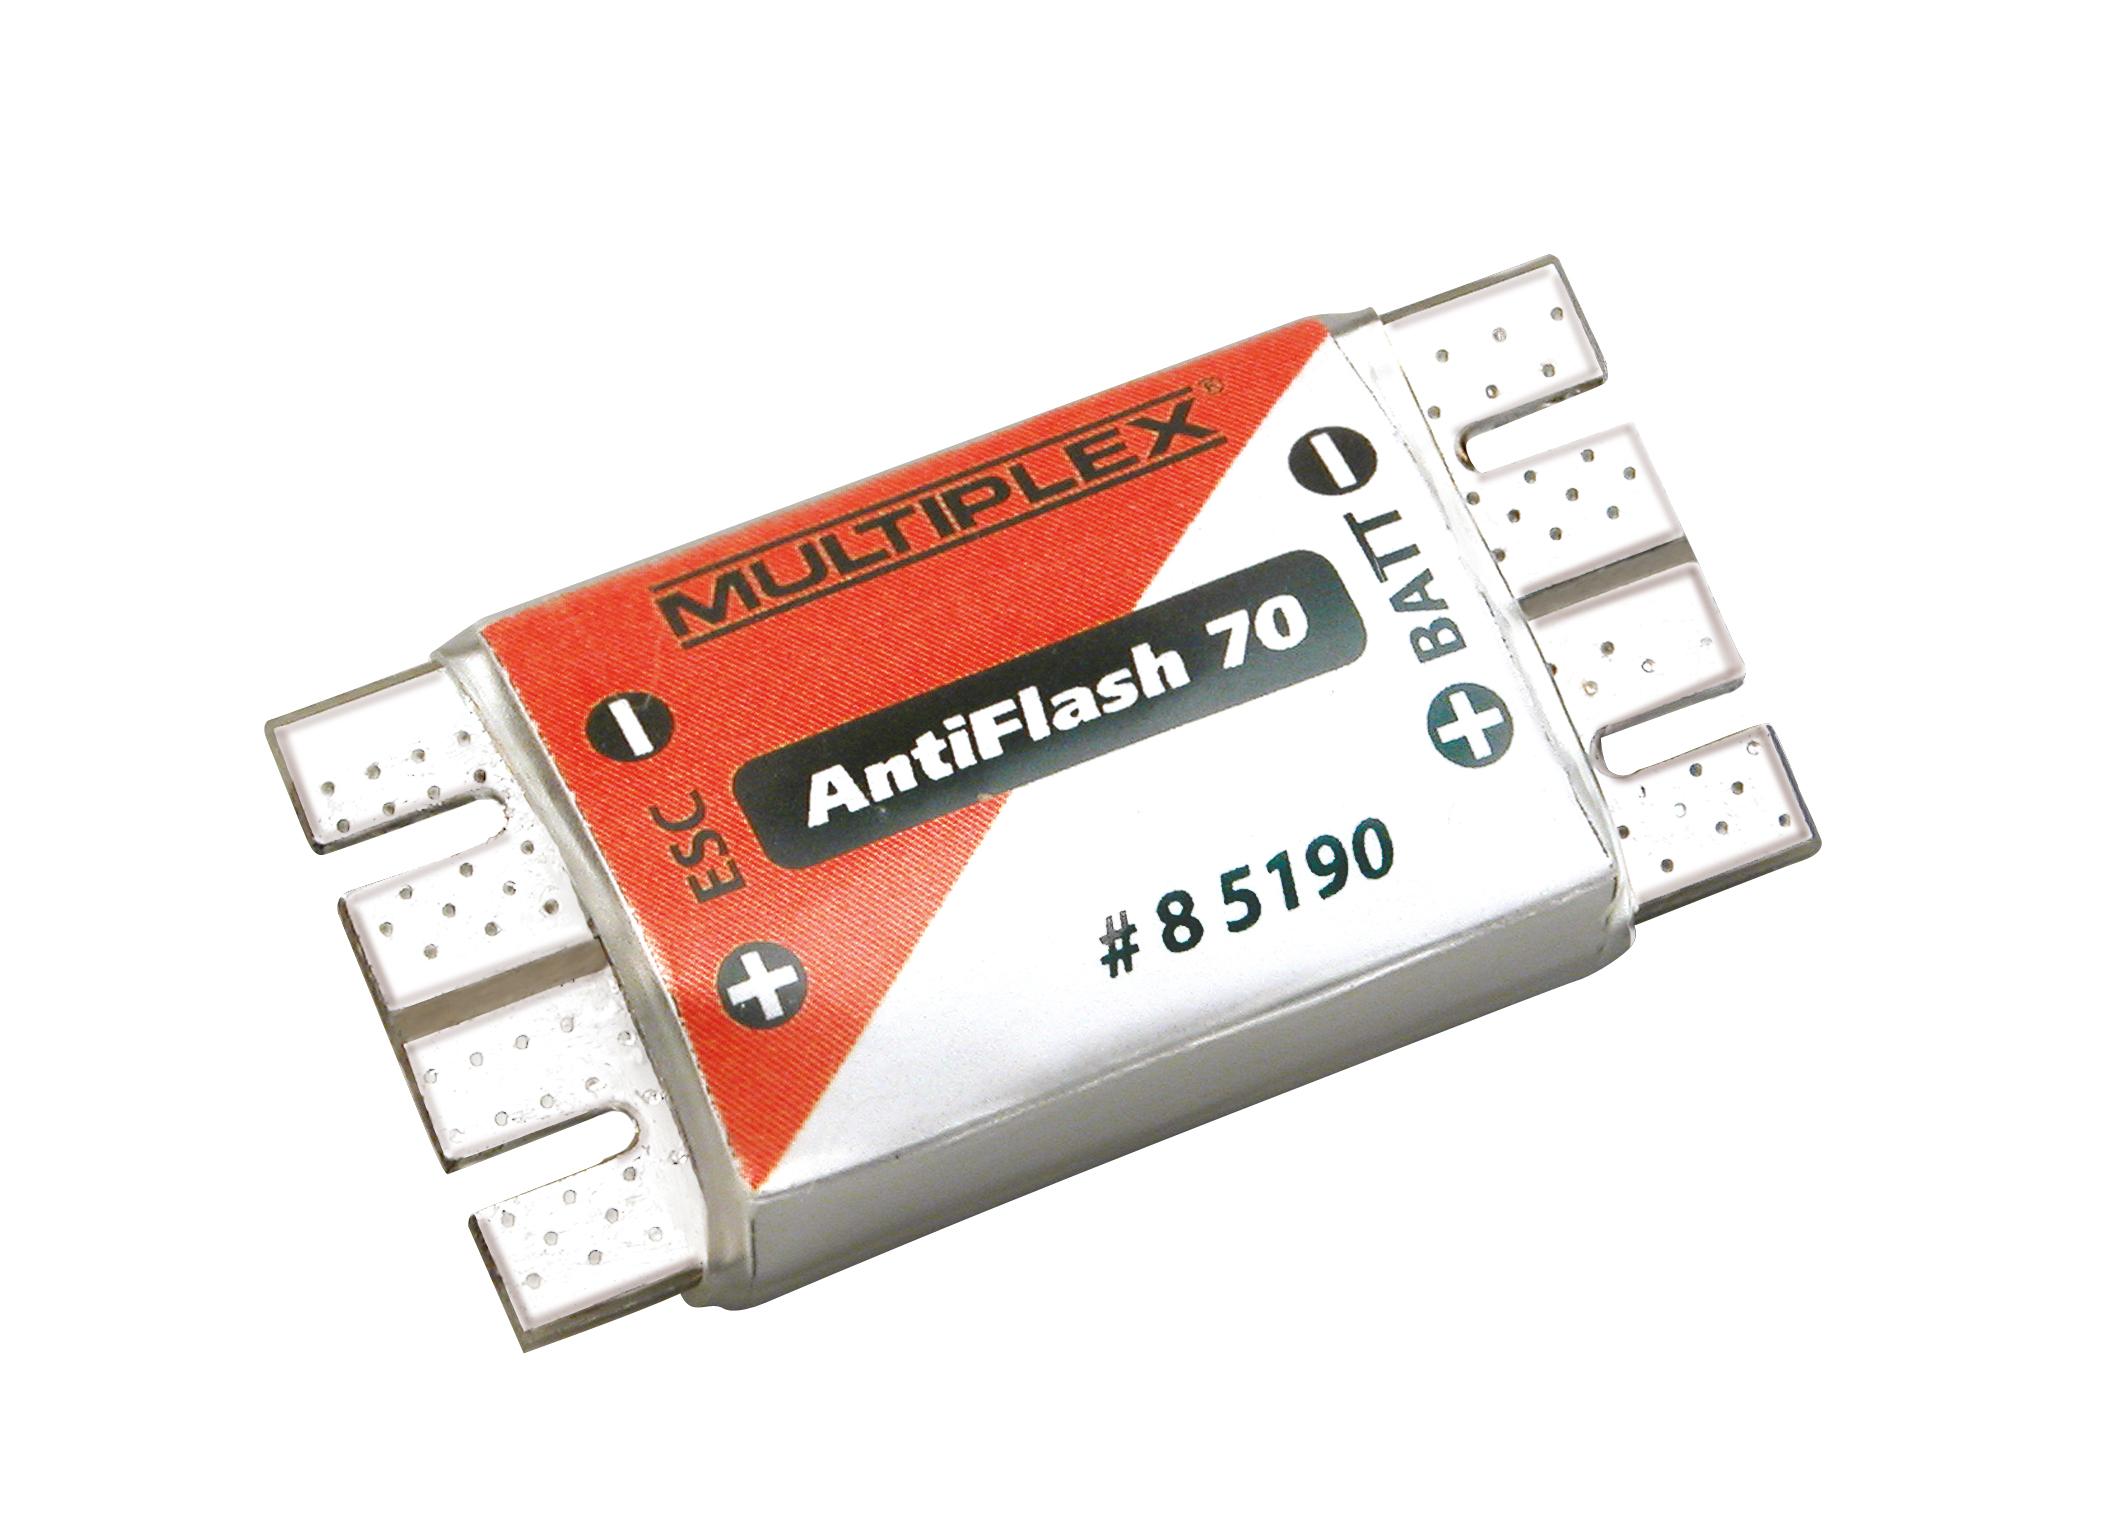 Multiplex AntiFlash 70 (ohne Stecksystem)